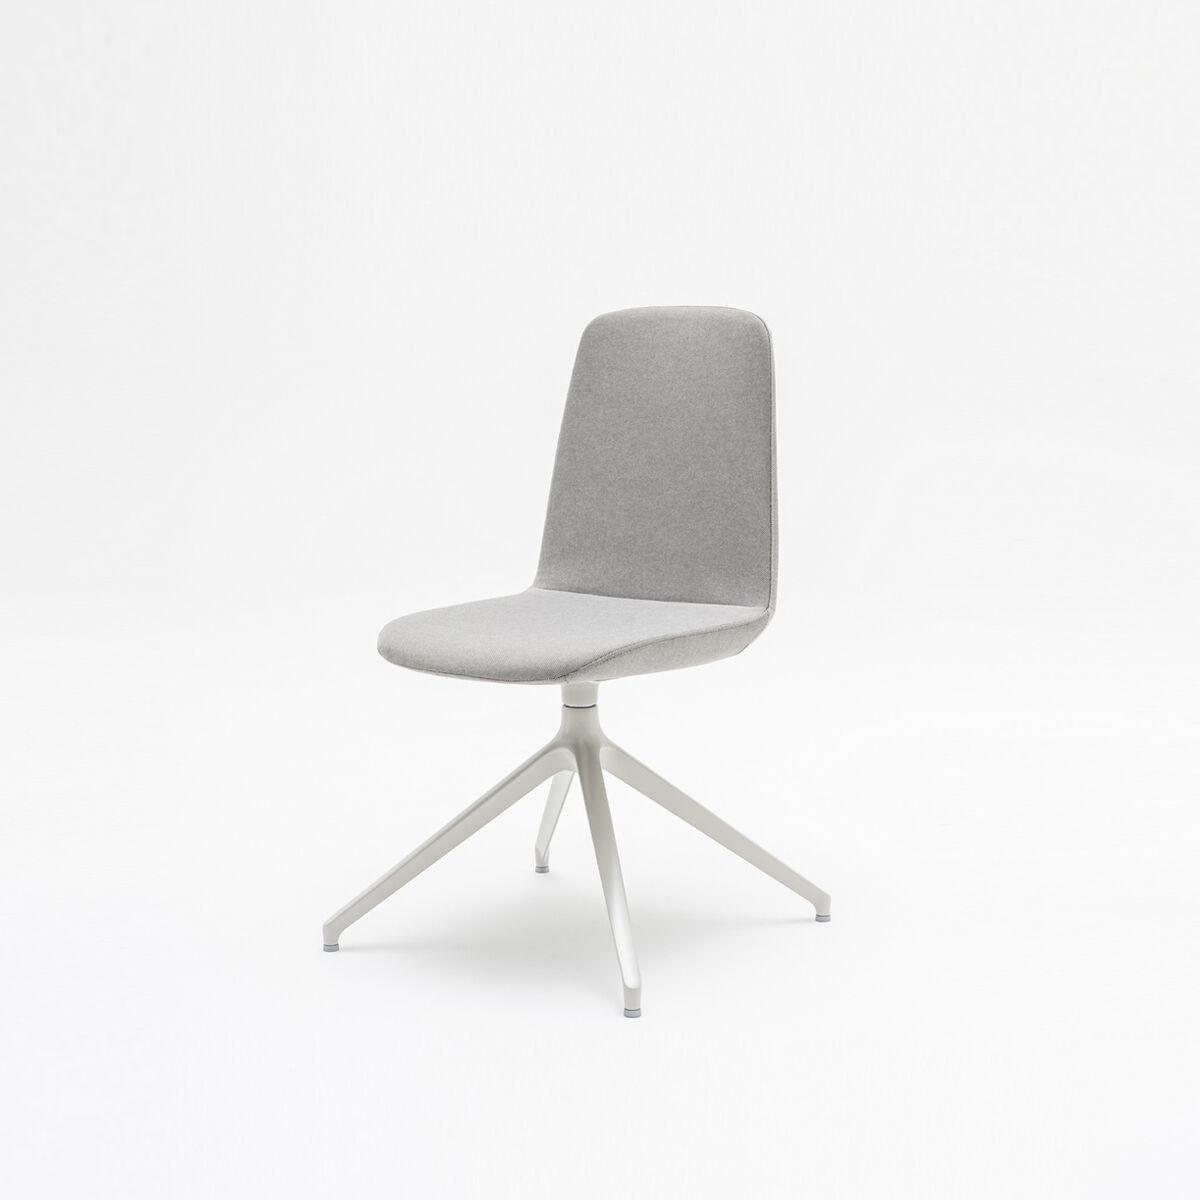 Ulti chair Fabric: Field Colour: FD142  Base colour:  M010